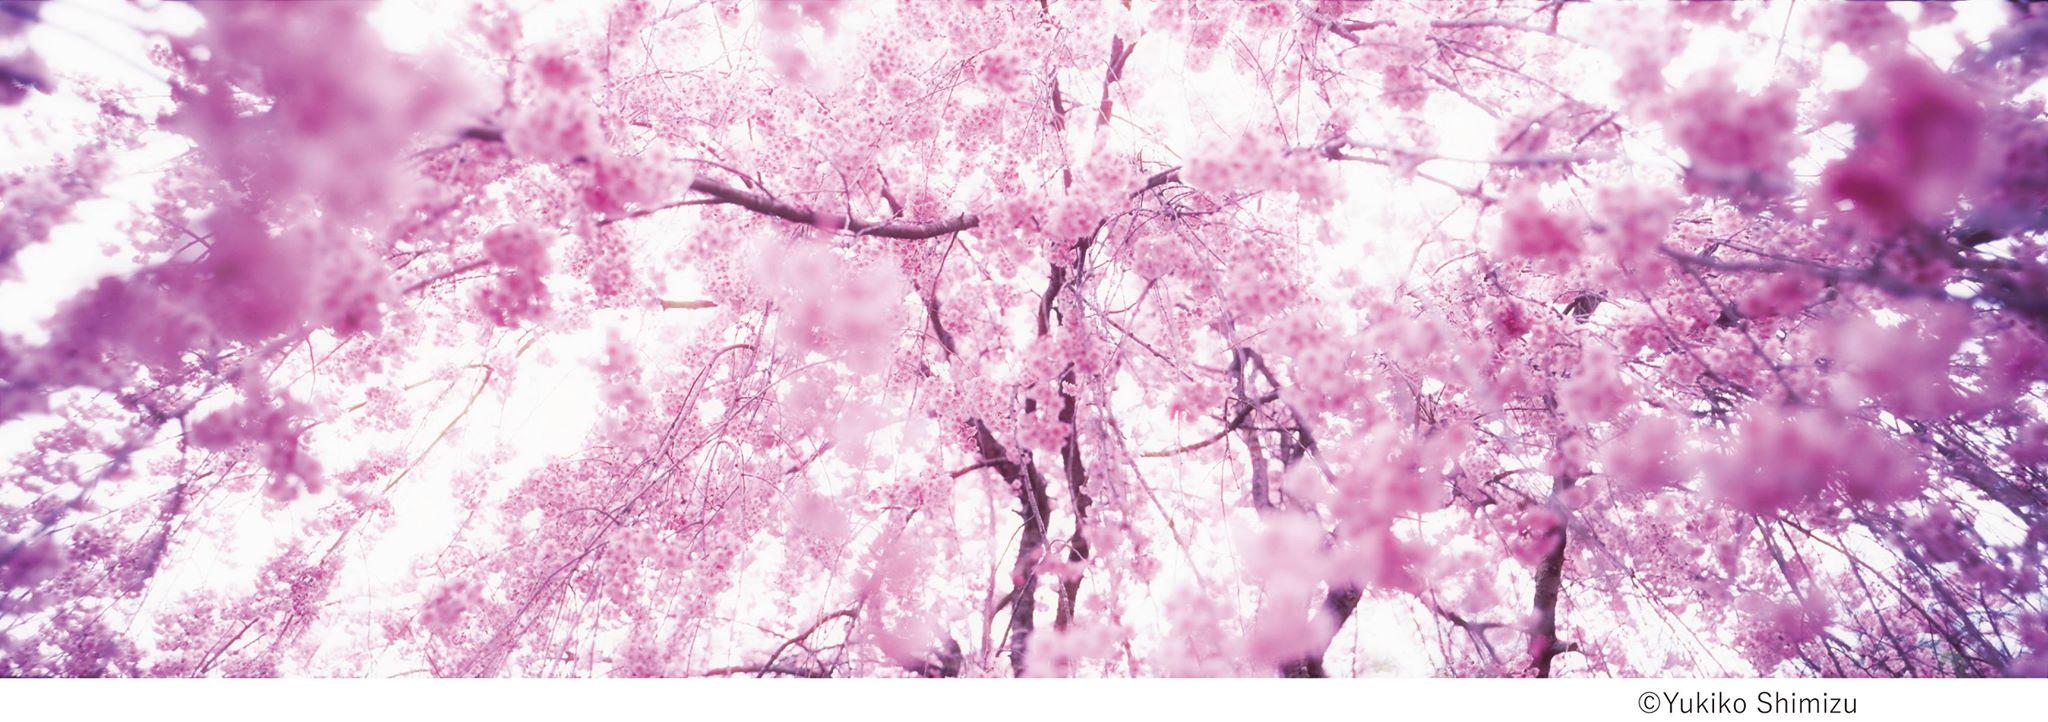 桜×中目黒×アート 中目黒アート花見会「SAKURA Group」展 【今週のおすすめアート】